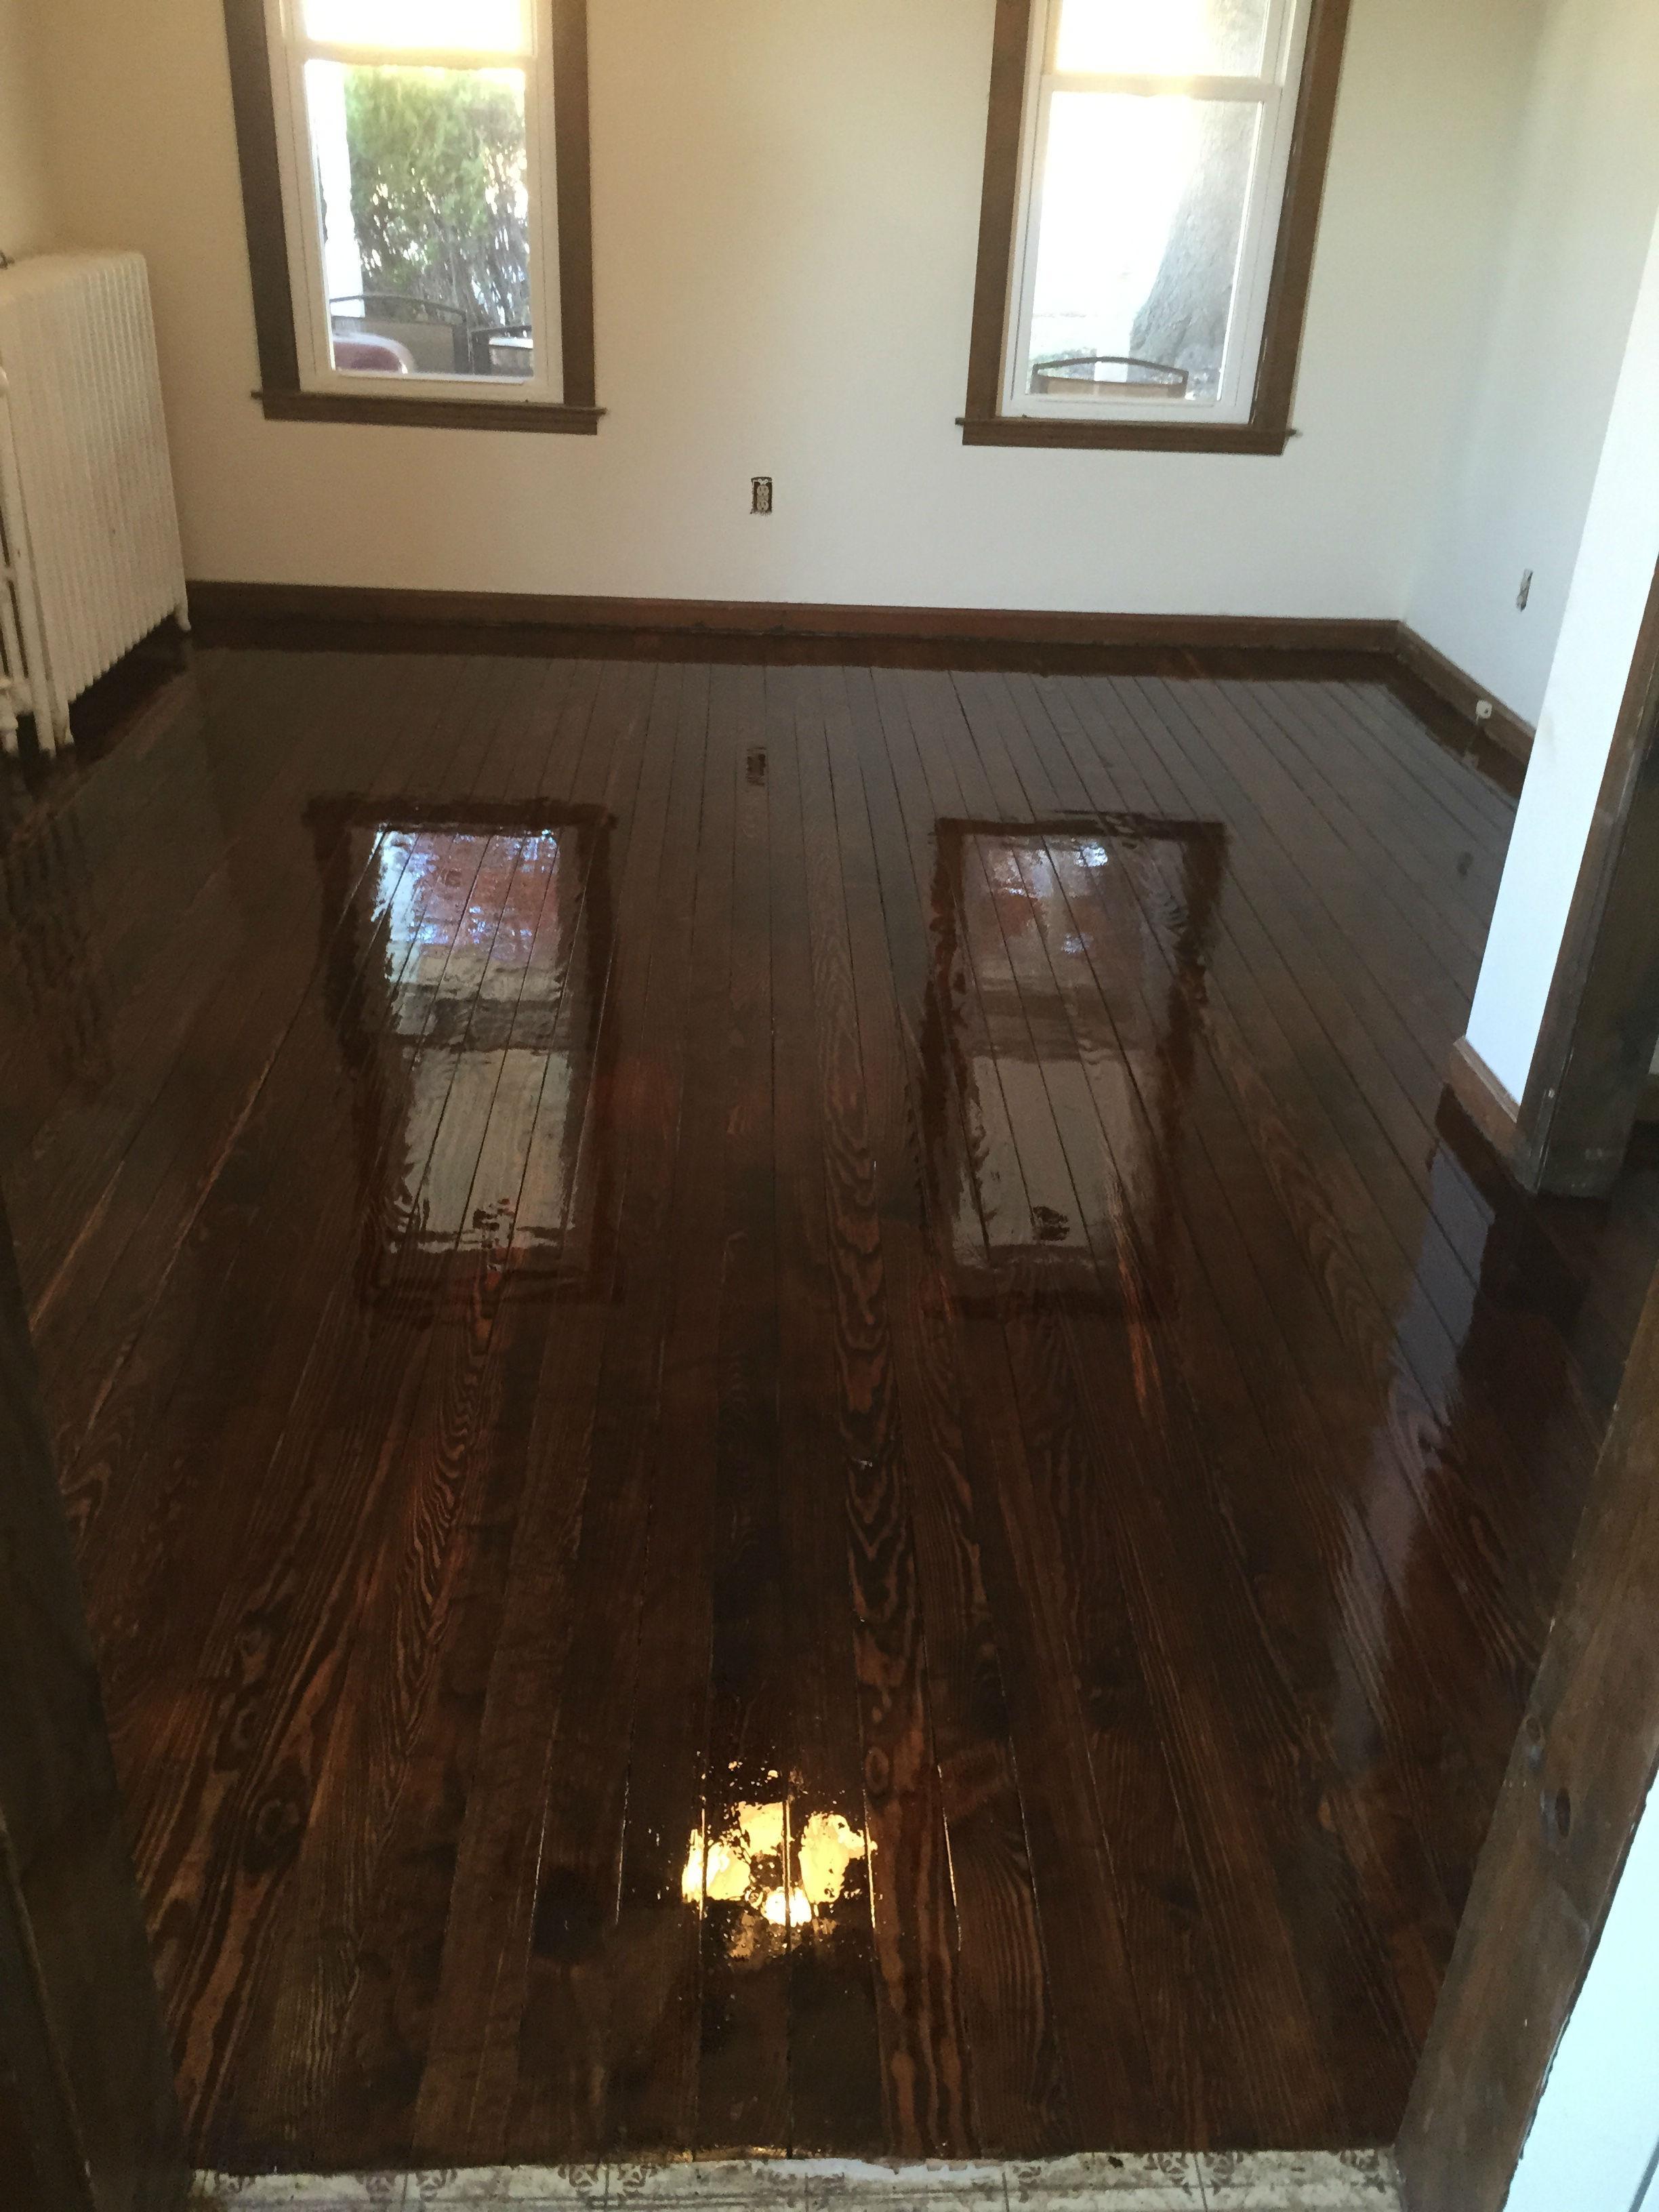 Joe DiNardis Hardwood Floors Refinishing image 8